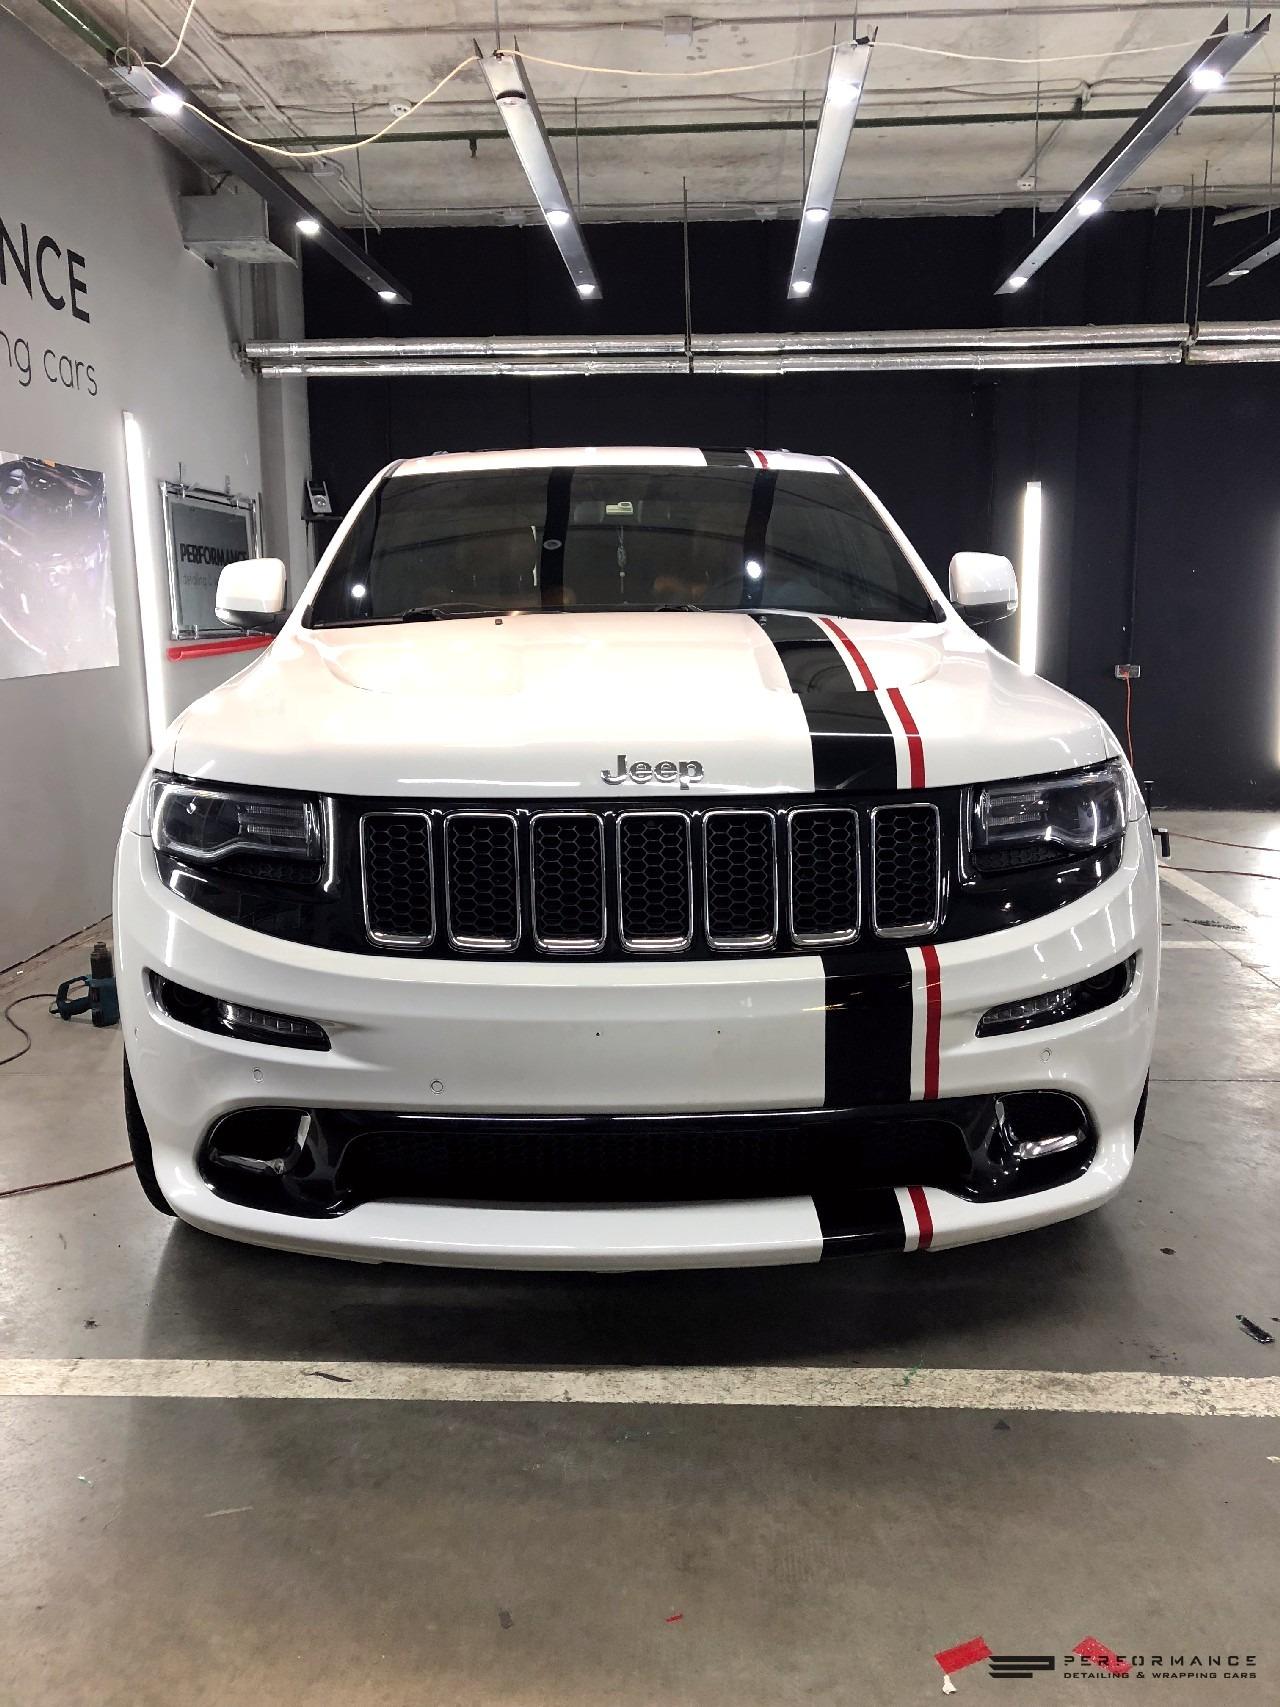 Оклейка виниловой пленкой Jeep Grand Cherokee STR